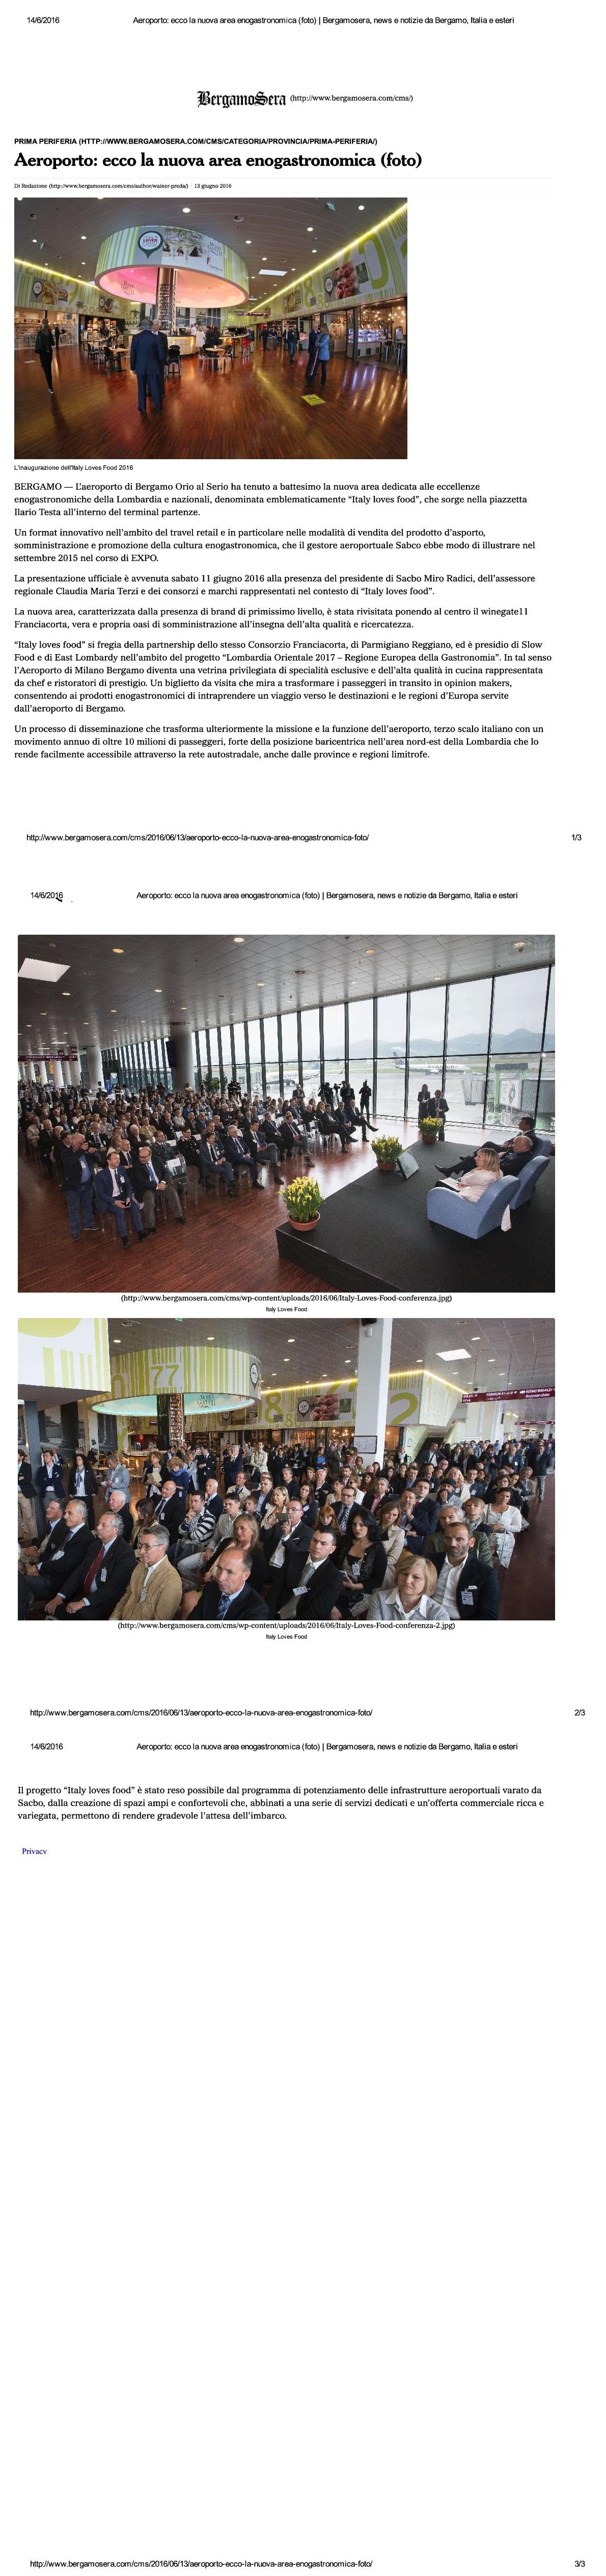 Articolo di Bergamo Sera sulla nuova area enogastronomica al Ristorante Wine Gate 11 presso l'Aeroporto di Orio al Serio